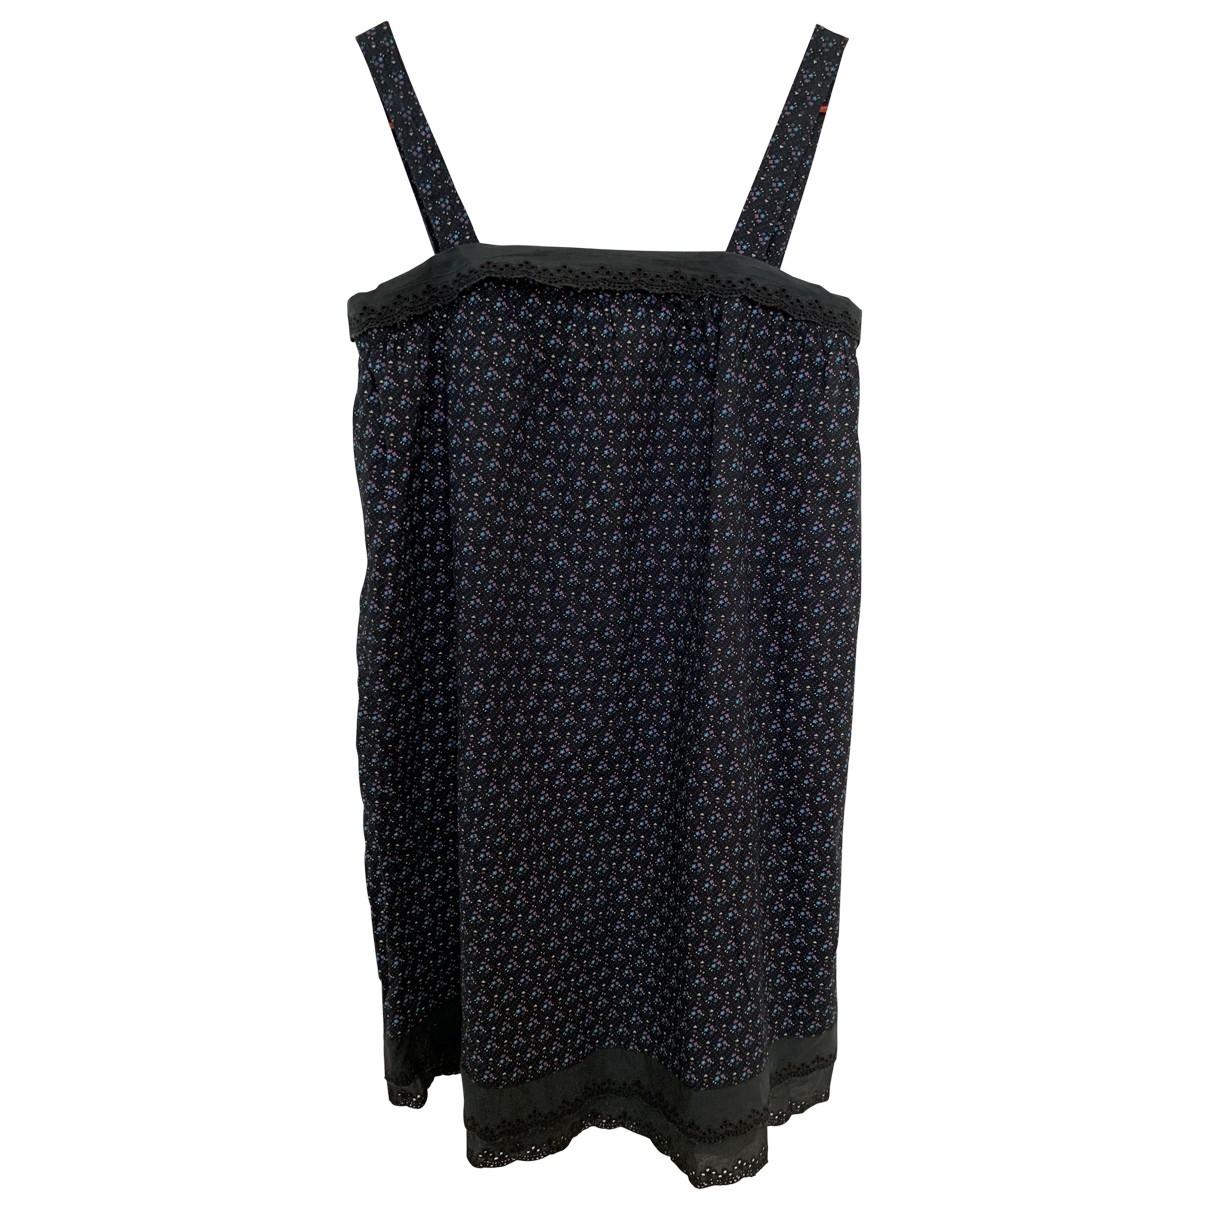 Soeur \N Black Cotton dress for Kids 16 years - M FR